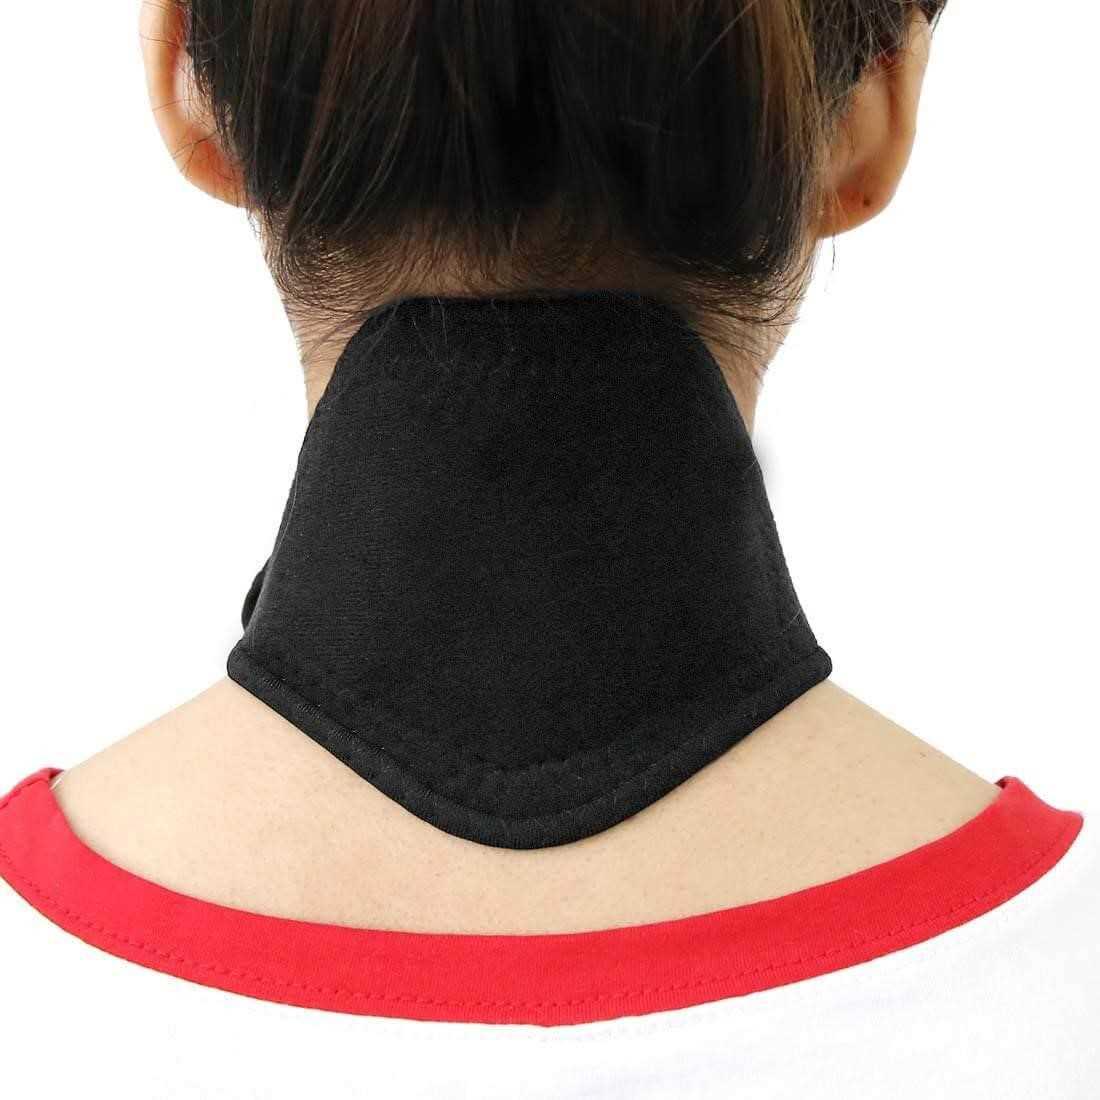 Mejor Protector Cuello Neopreno